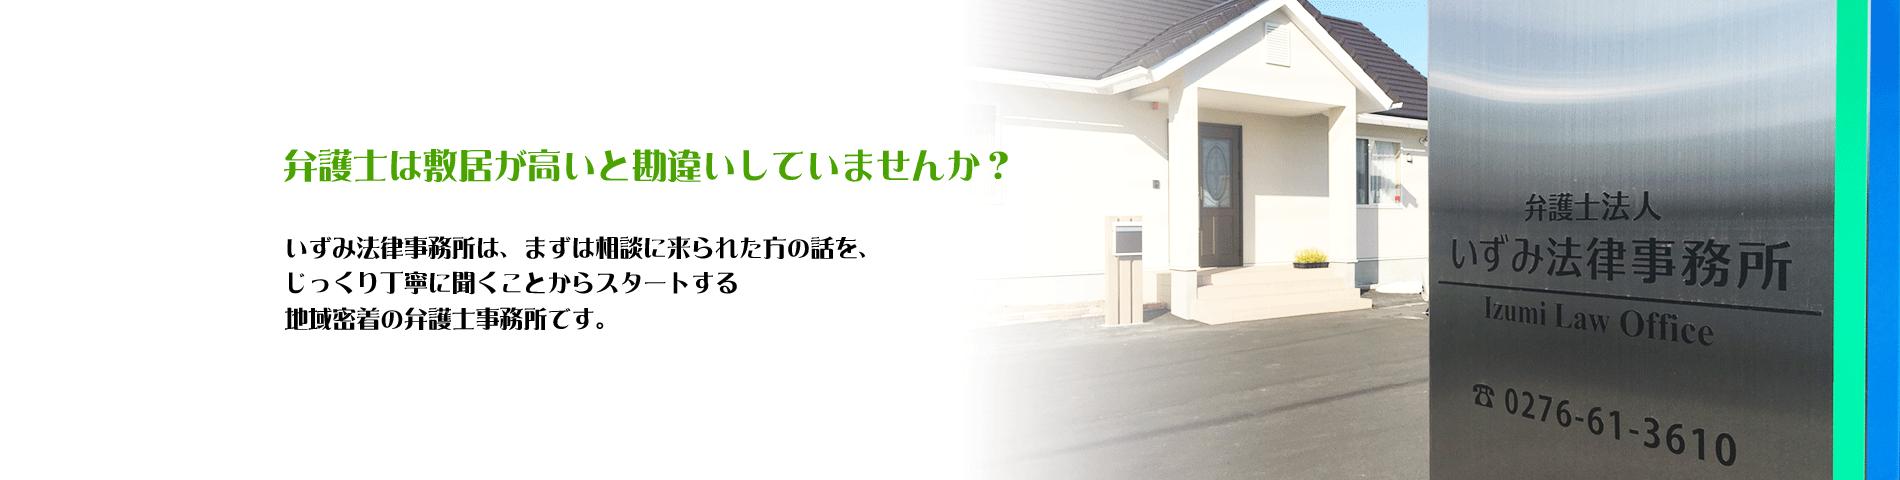 太田市大泉町弁護士法人いずみ法律事務所